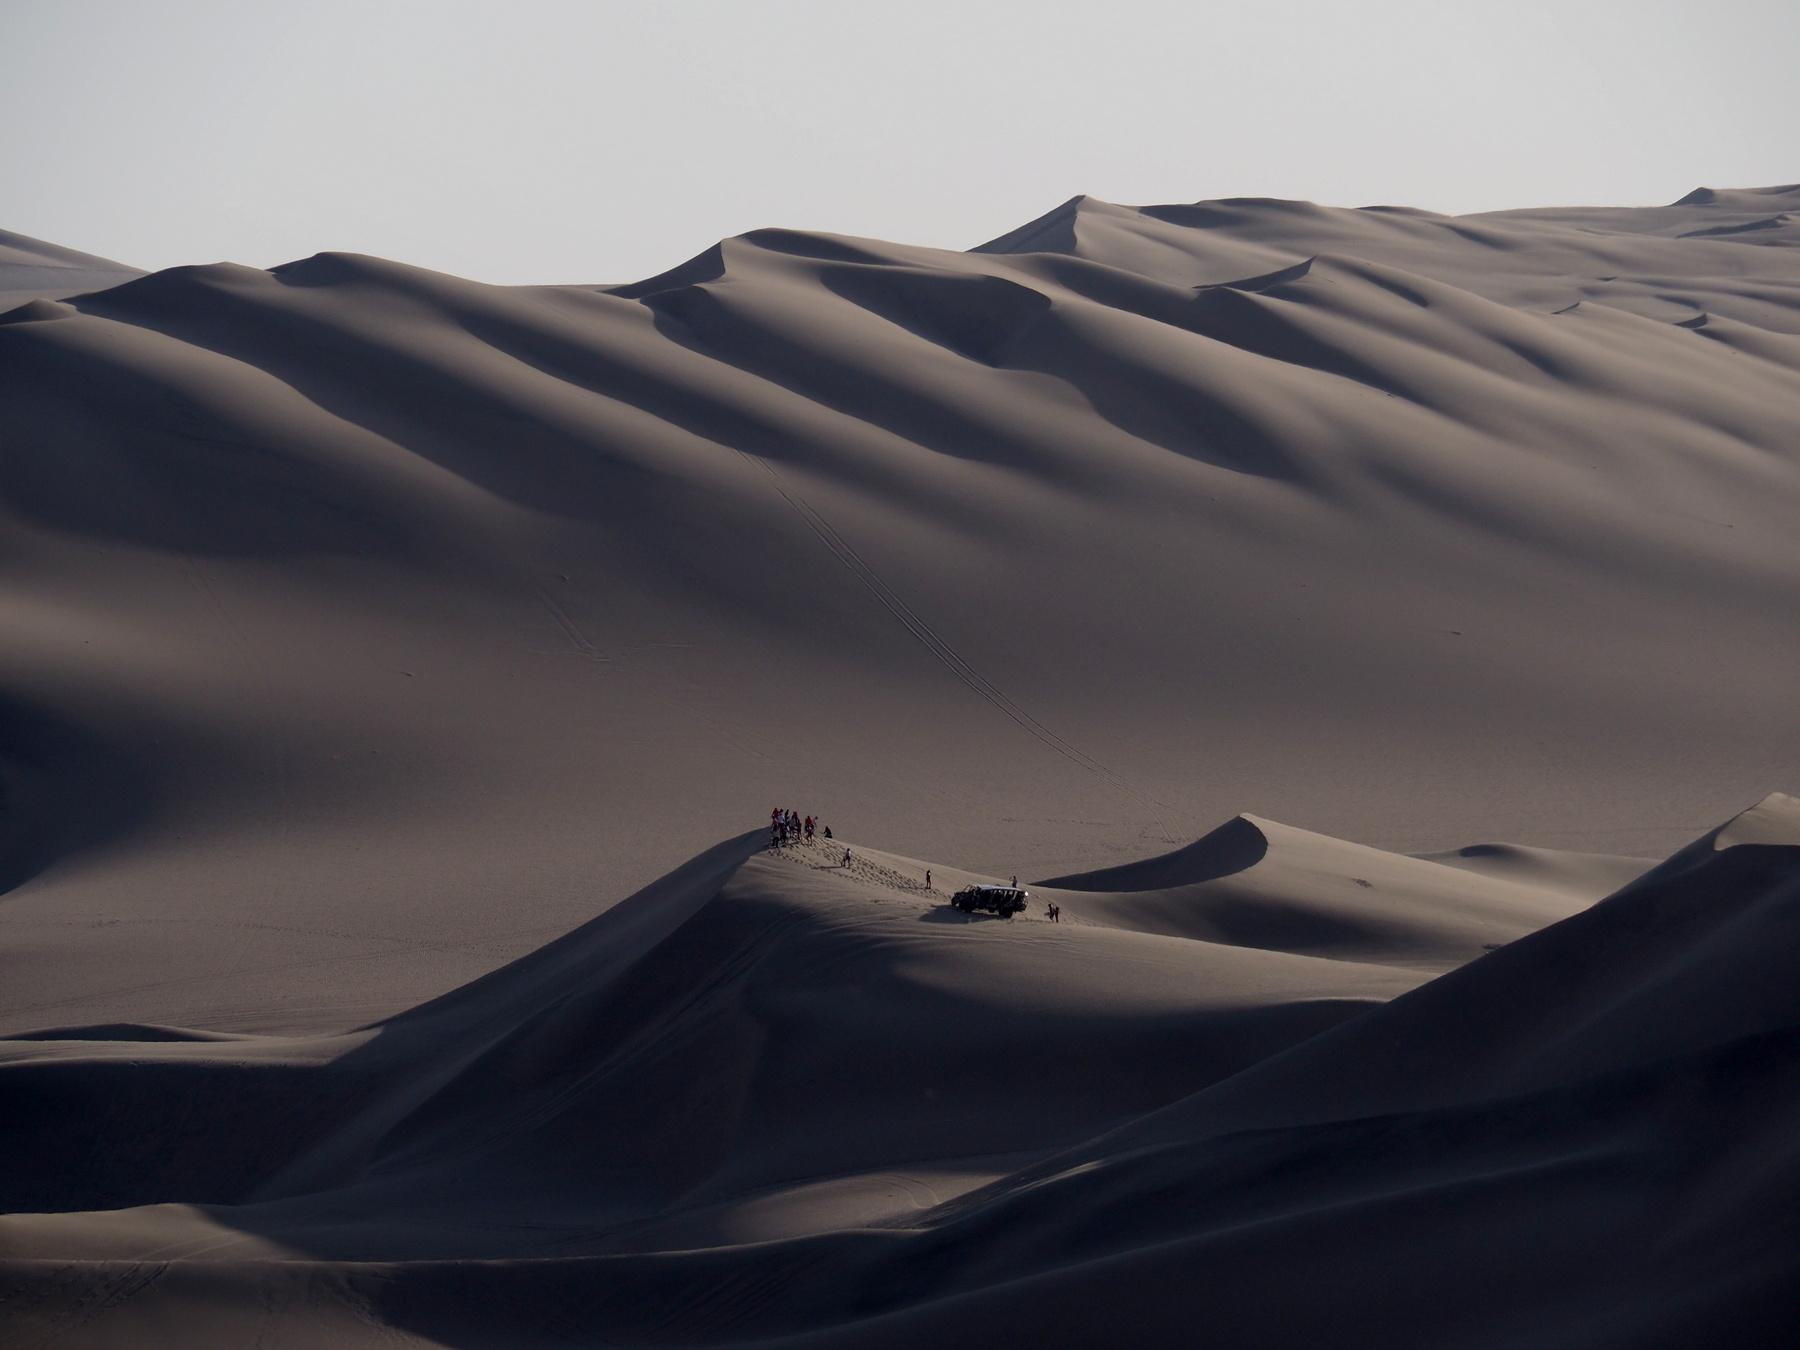 Kleiner Ausflug in den Sandkasten gefällig?